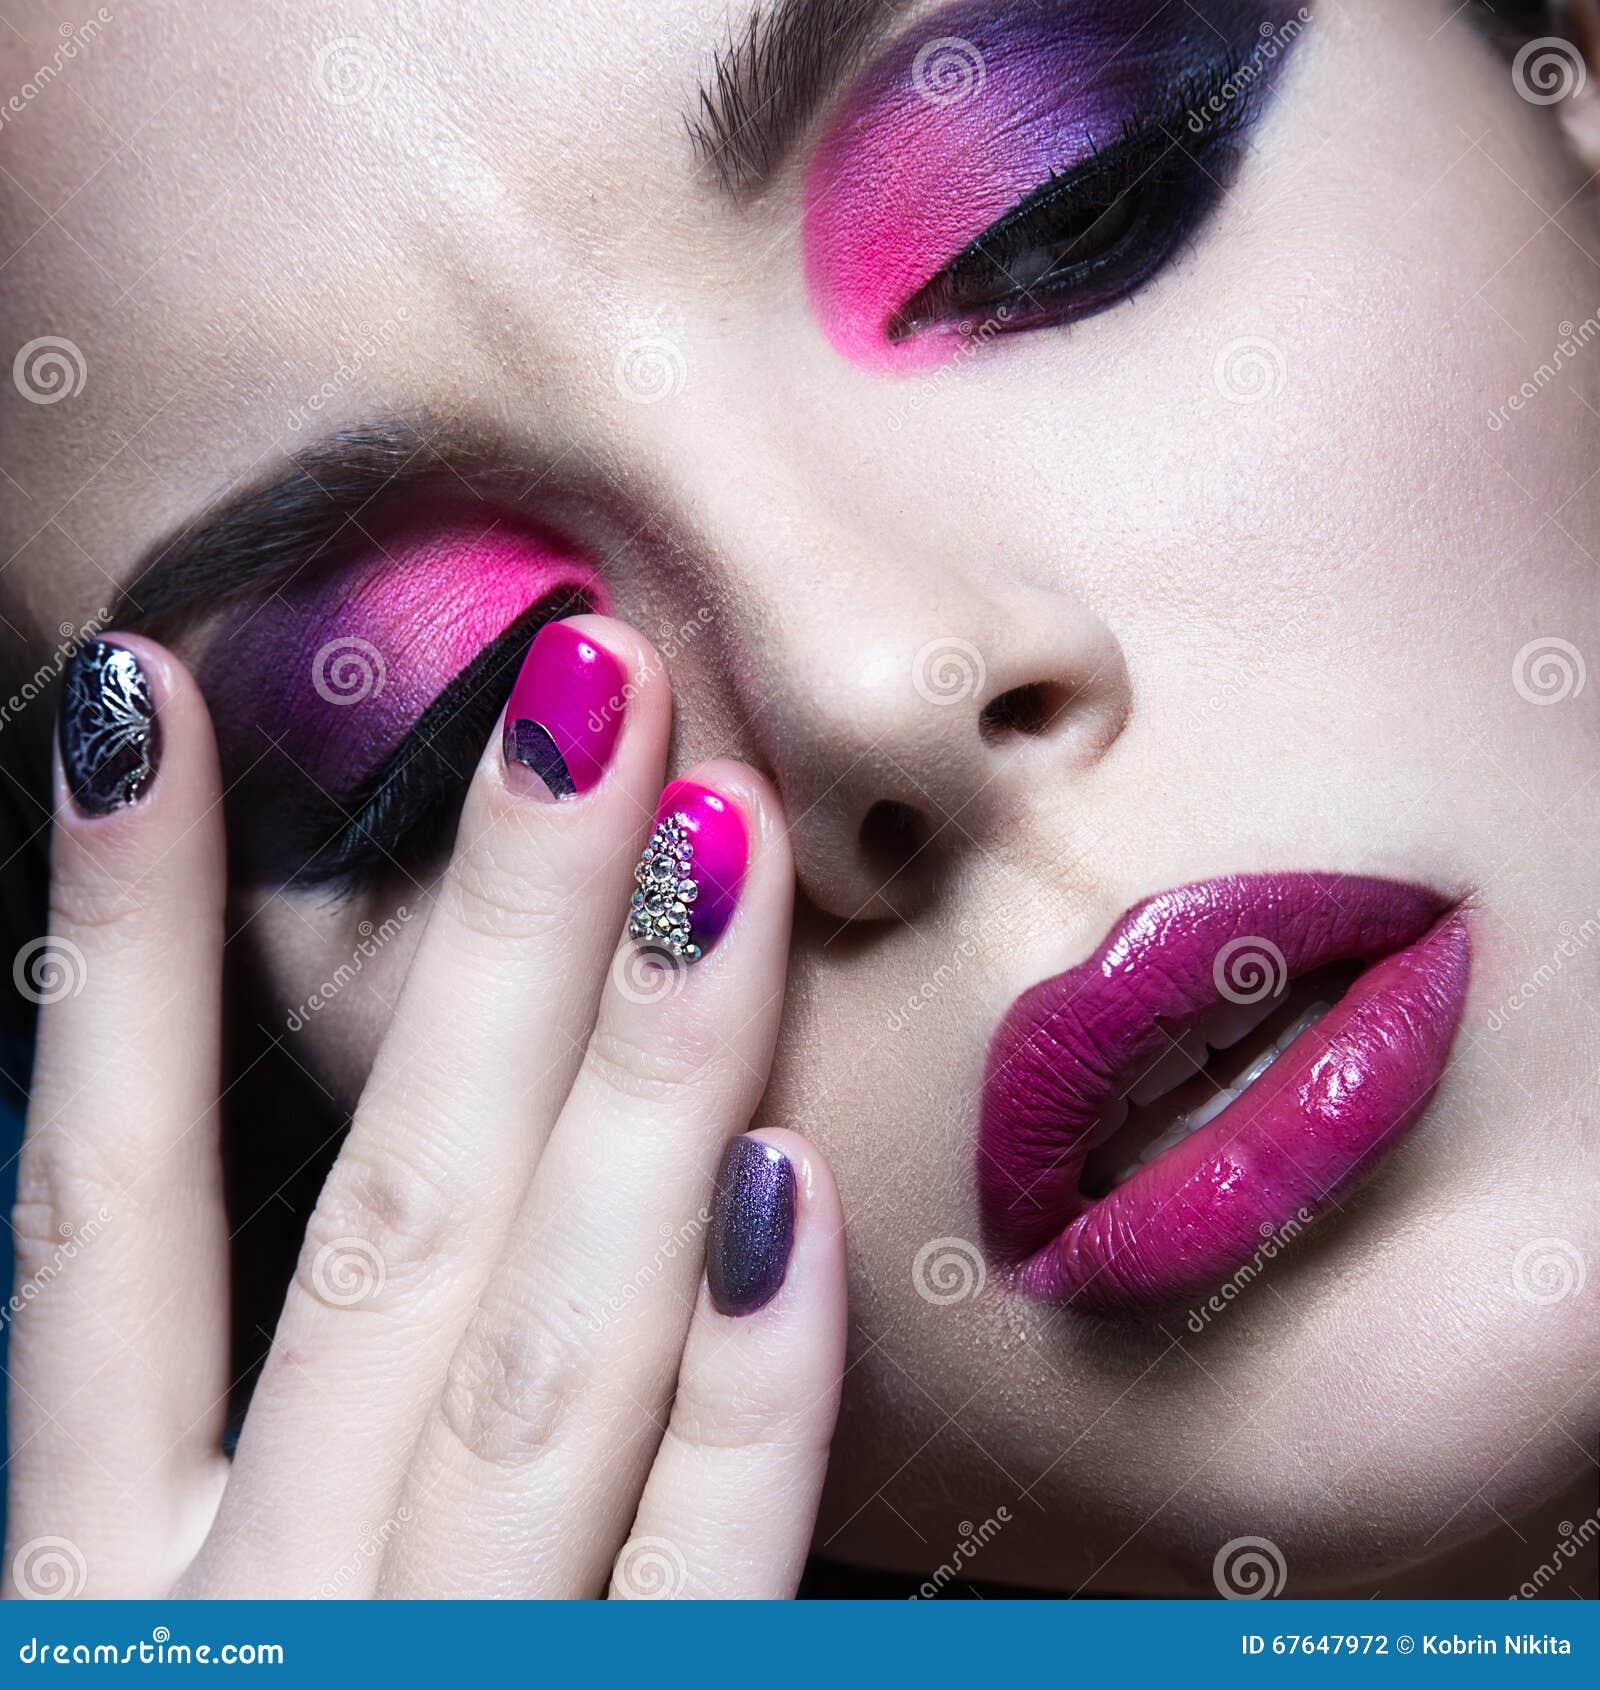 belle fille avec le maquillage cratif lumineux de mode et le vernis ongles color conception - Colori Maquillage